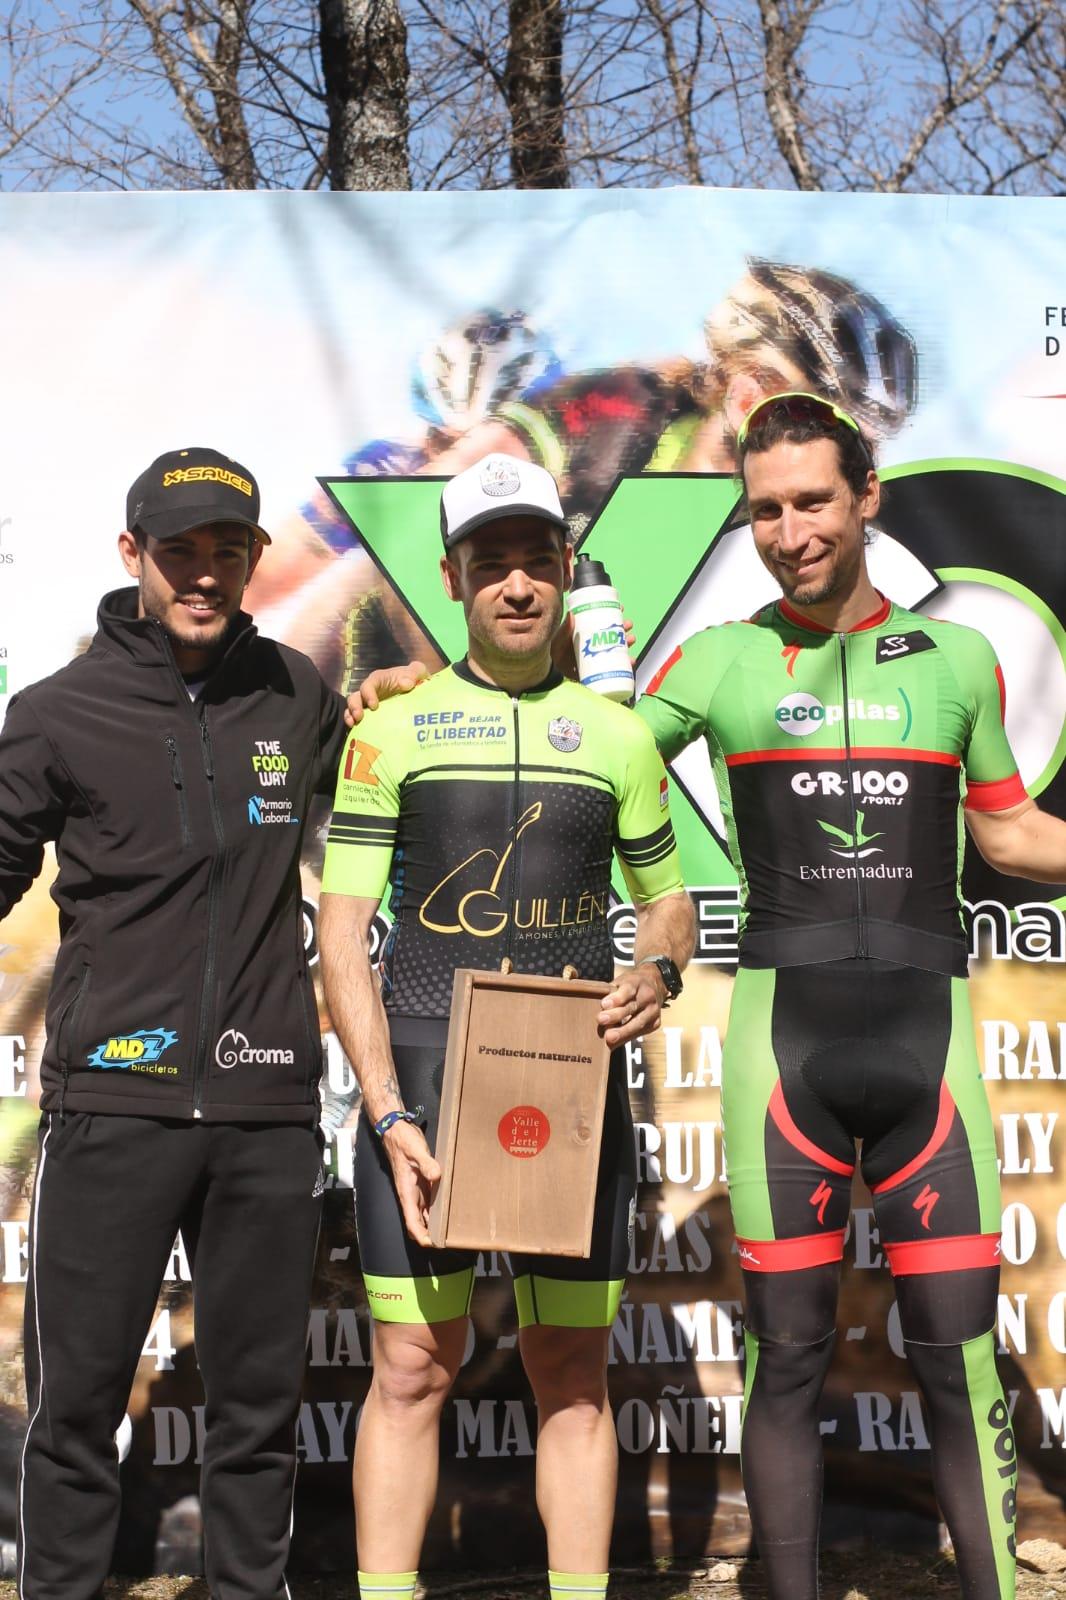 Pedro Romero segundo en la categoría élite en la tercera prueba del Open de Extremadura XCO en Tornavacas